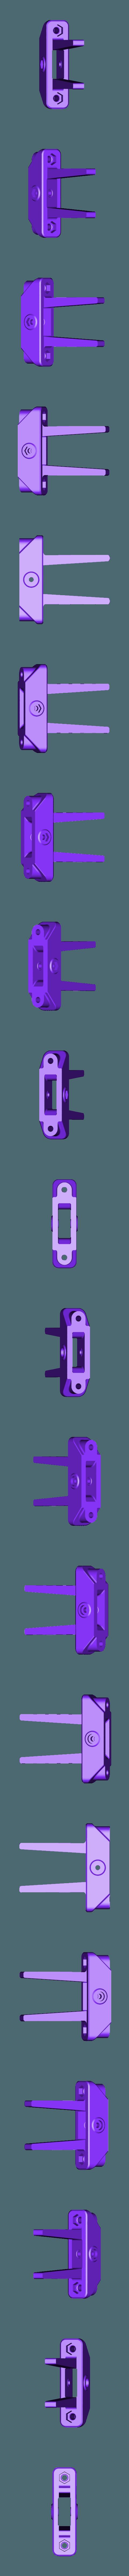 Anet_A8_X_Tensioner.stl Télécharger fichier STL gratuit Tendeur de ceinture Anet A8 X • Plan pour impression 3D, Slava_Z